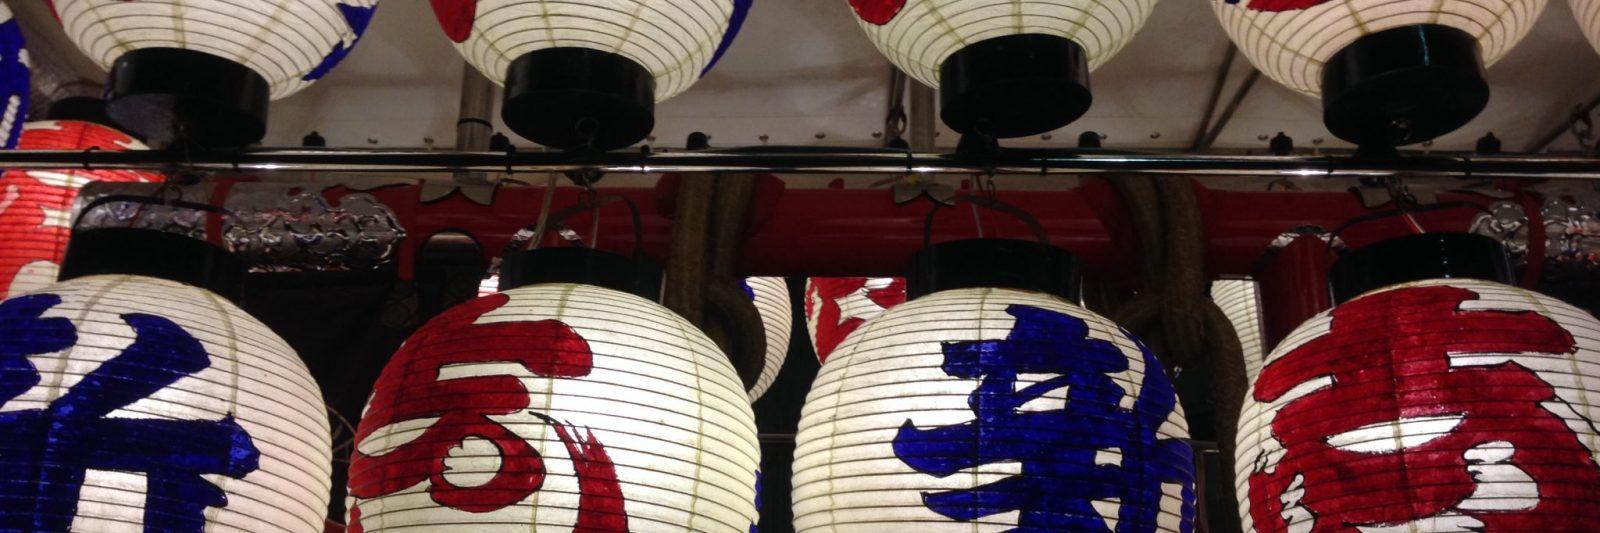 Shimoda festival lanterns